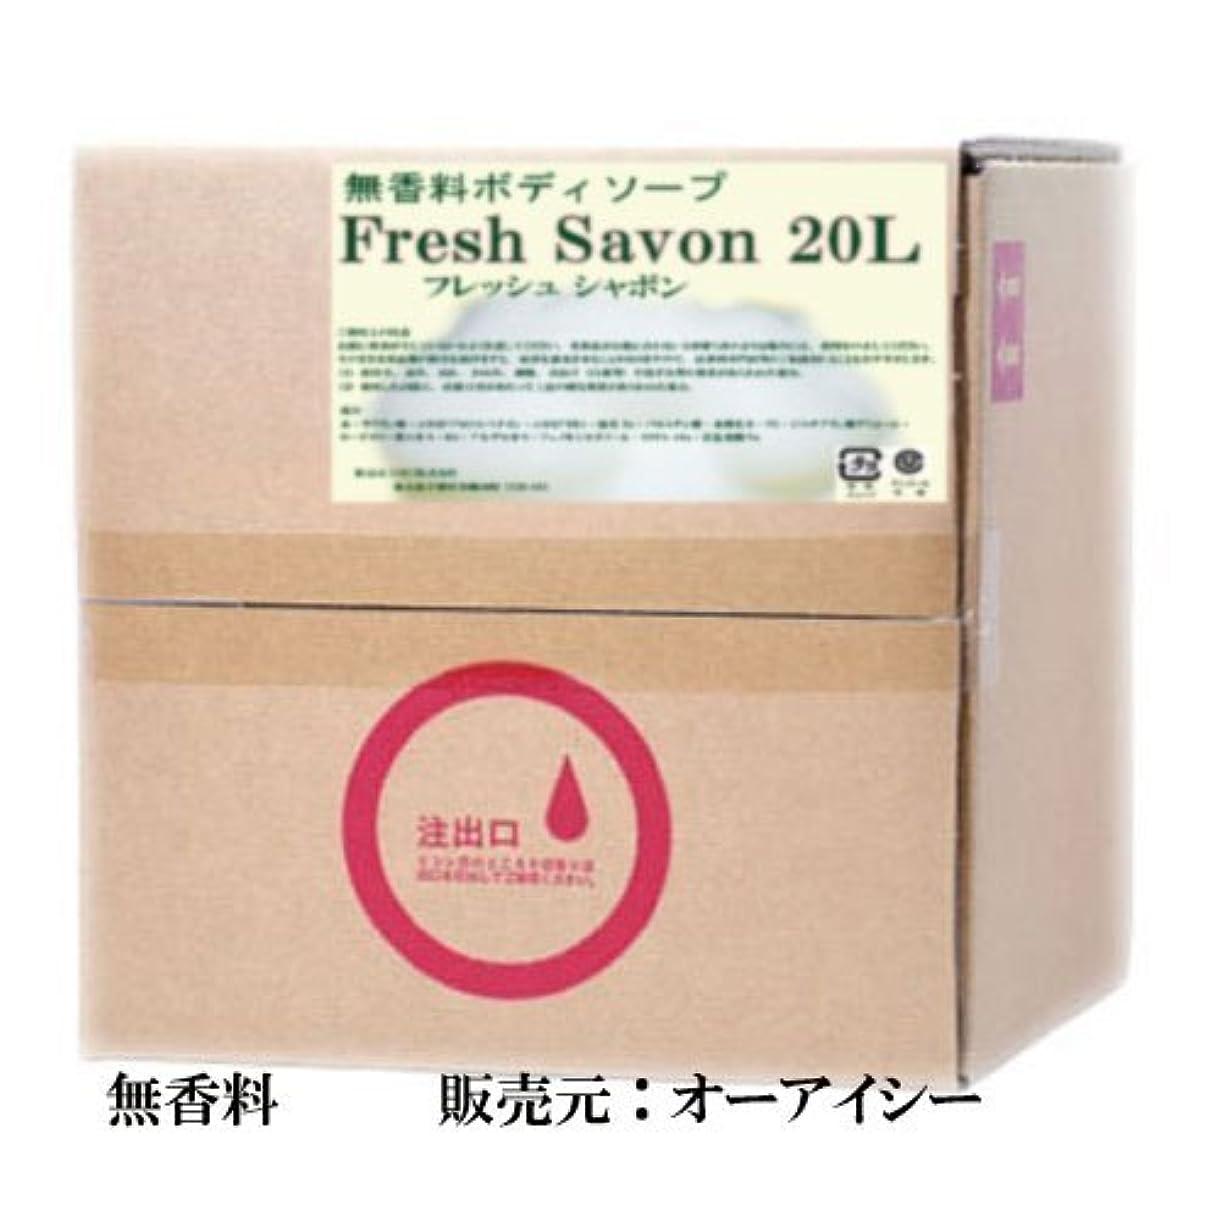 希望に満ちた新着保存業務用 無香料 ボディソープ フレッシュシャボン 20L (販売元:オーアイシー) (ホワイト)